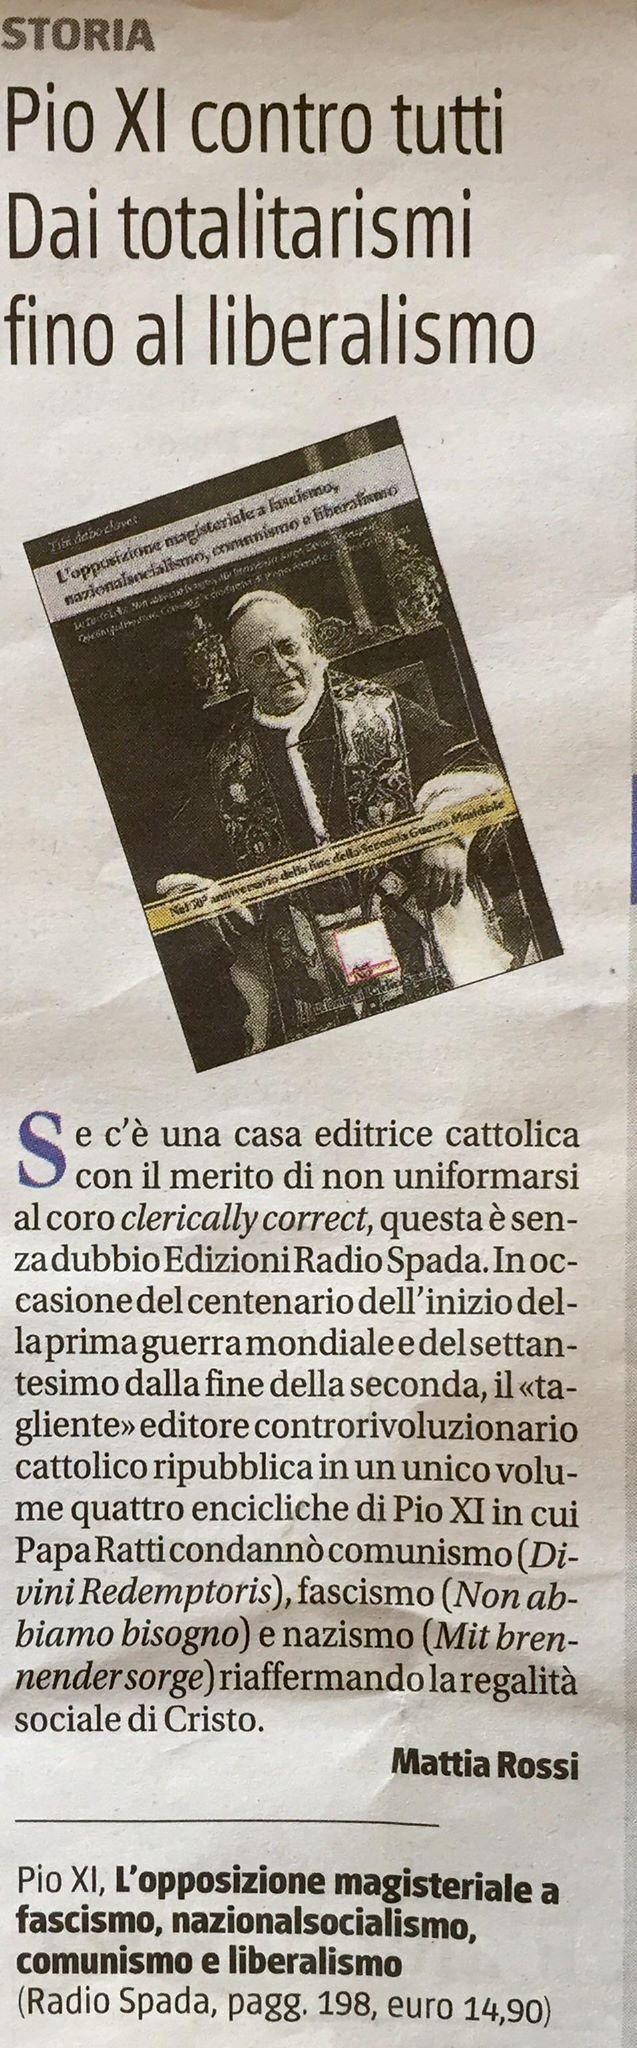 [EDIZIONI RADIO SPADA] Su Il Giornale, Mattia Rossi recensisce 'L'opposizione magisteriale a fascismo, nazionalsocialismo, liberalismo e comunismo'